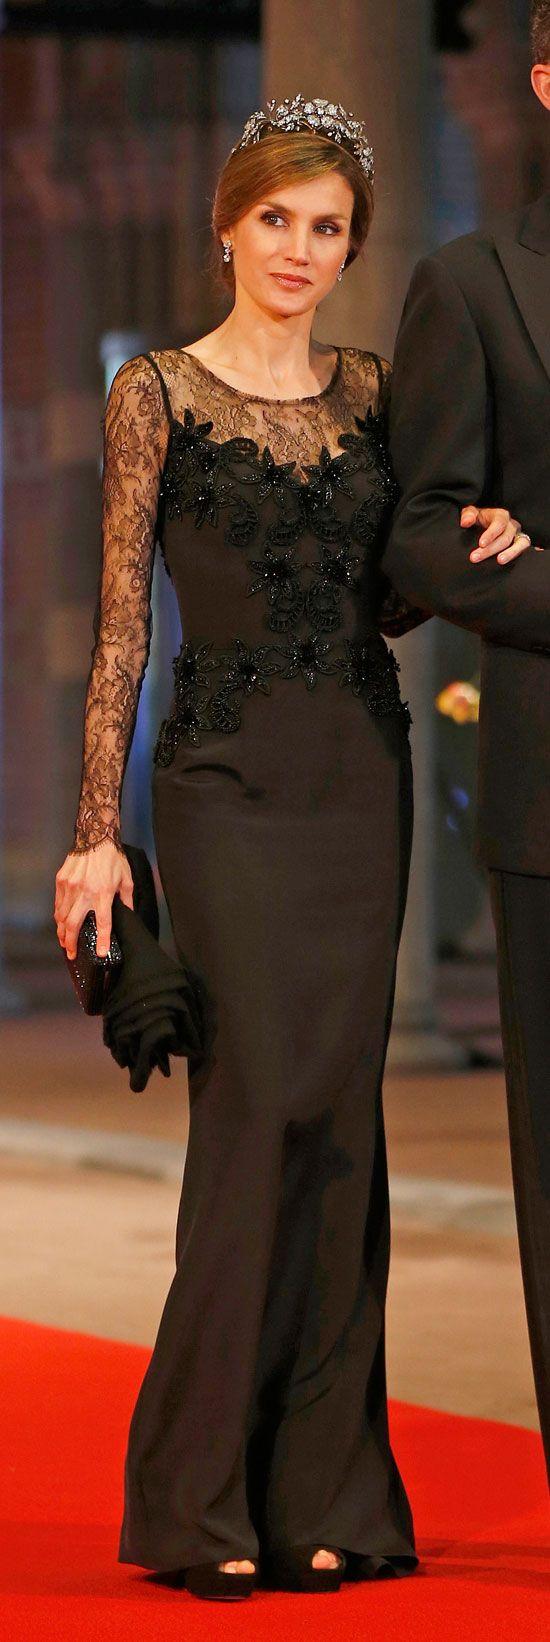 Queen Letizia of Spain.